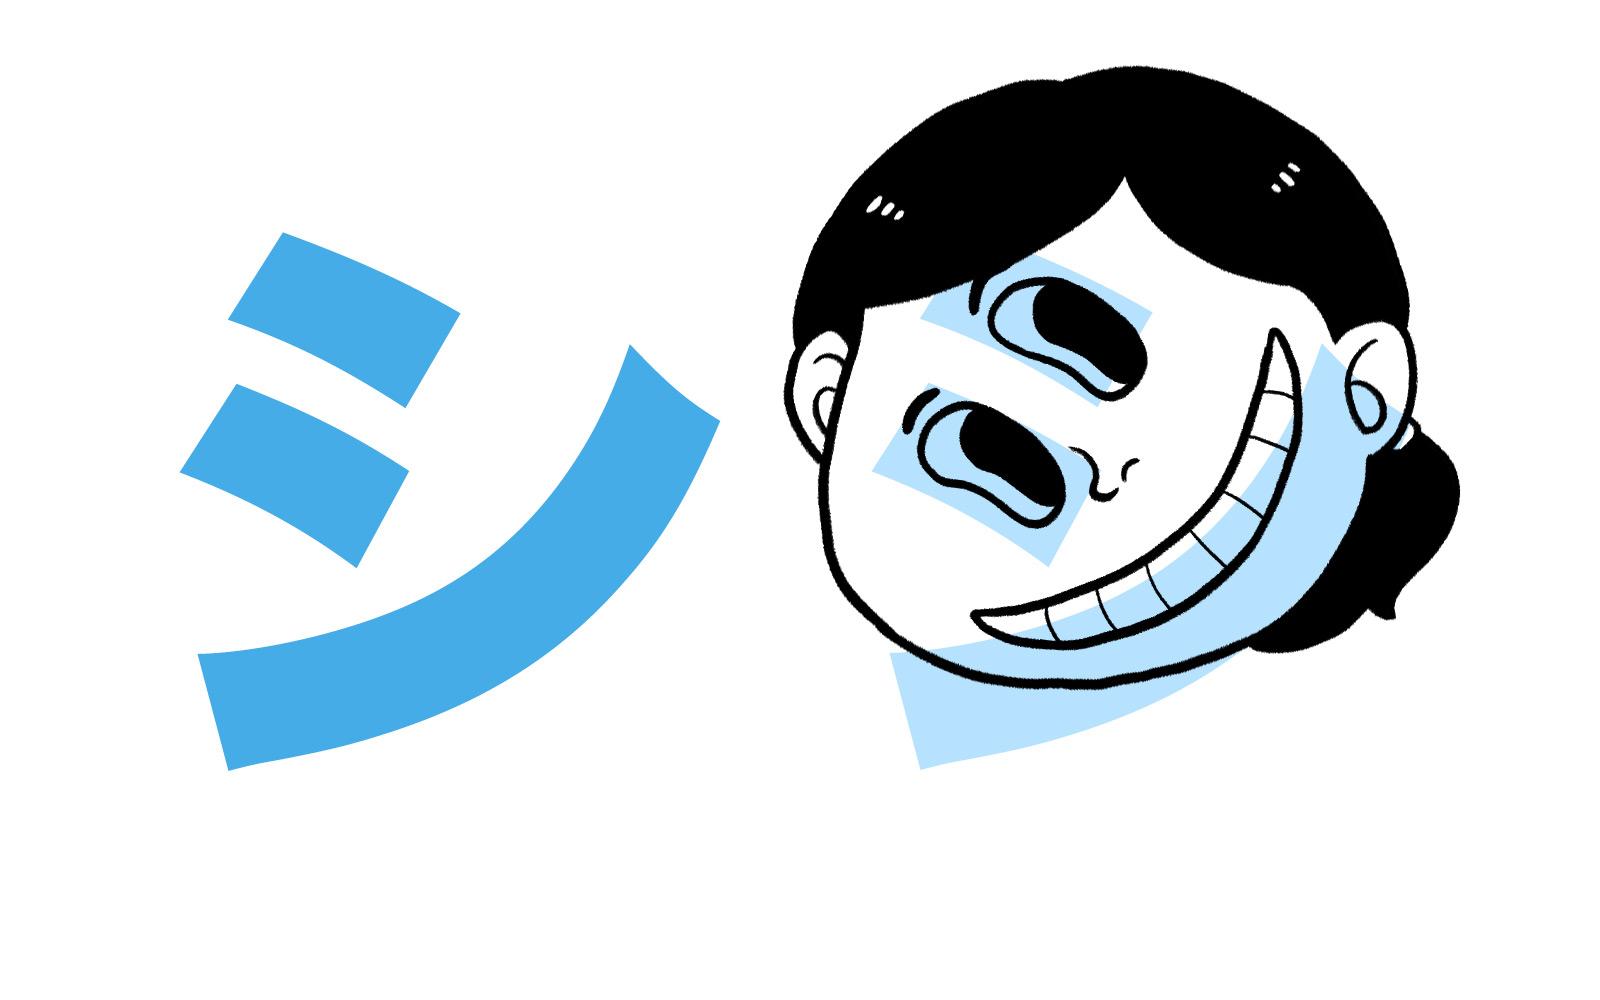 Katakana character シ mnemonic